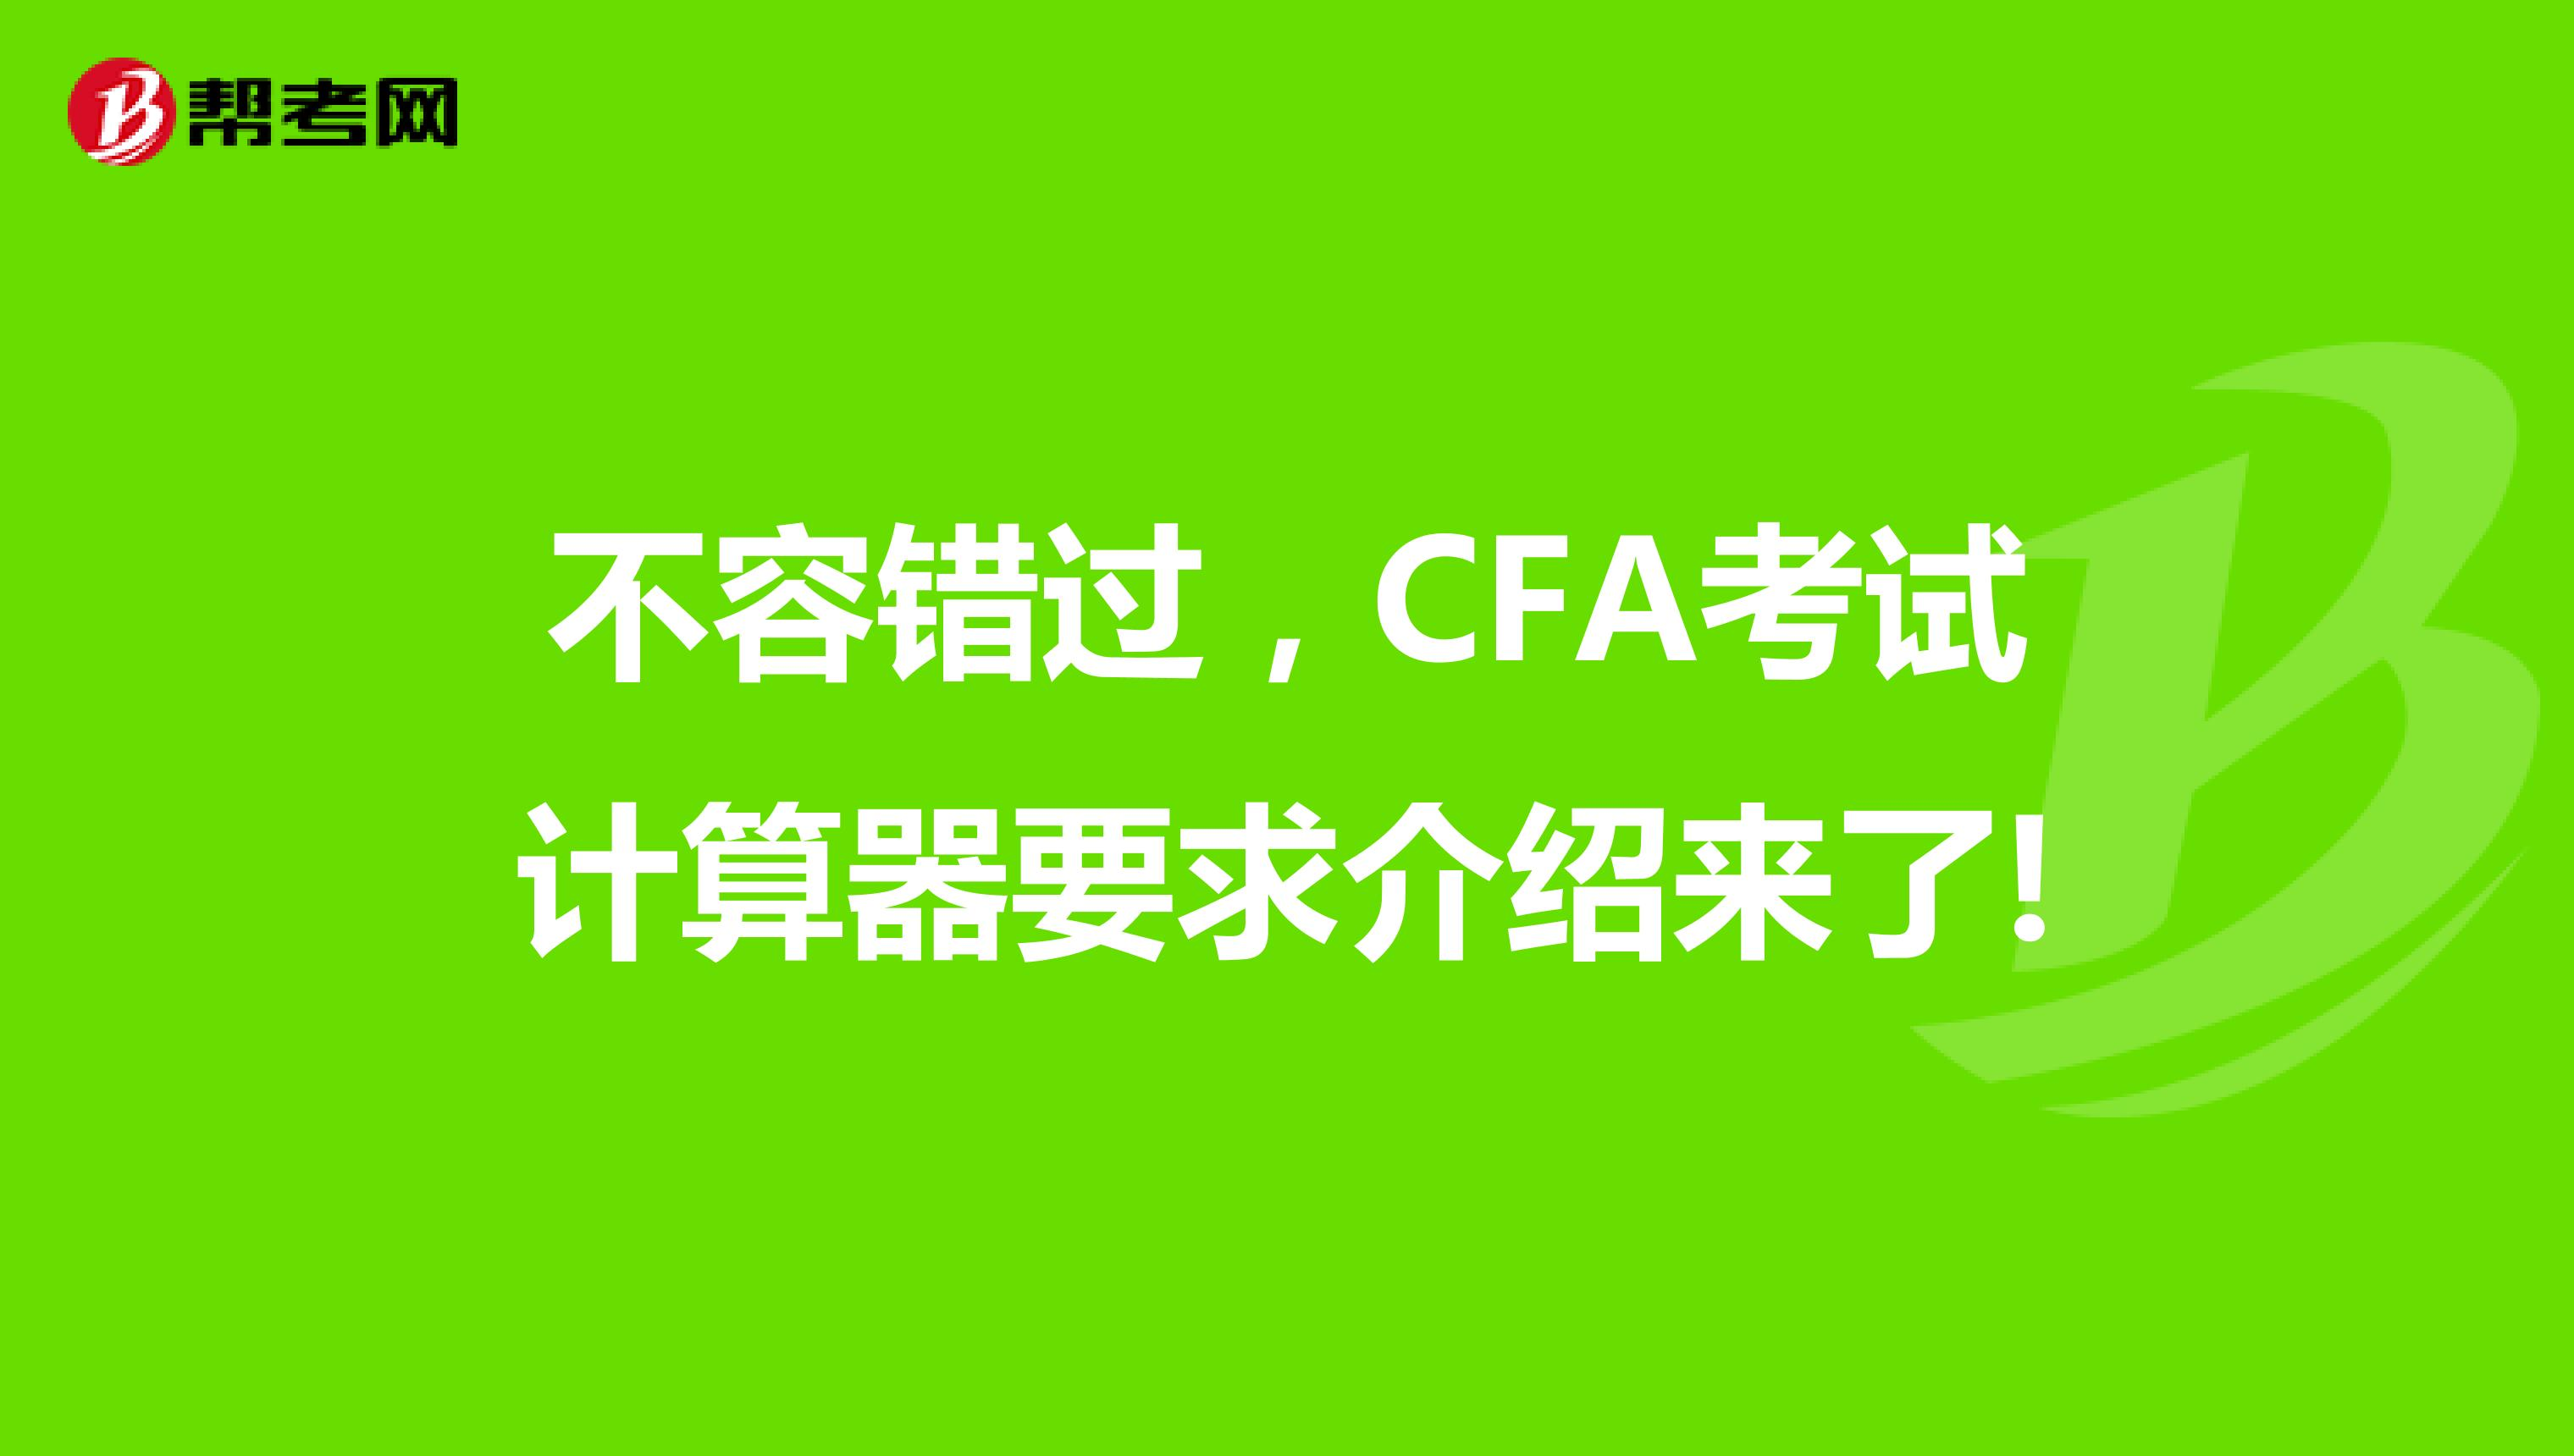 不容错过,CFA考试计算器要求介绍来了!